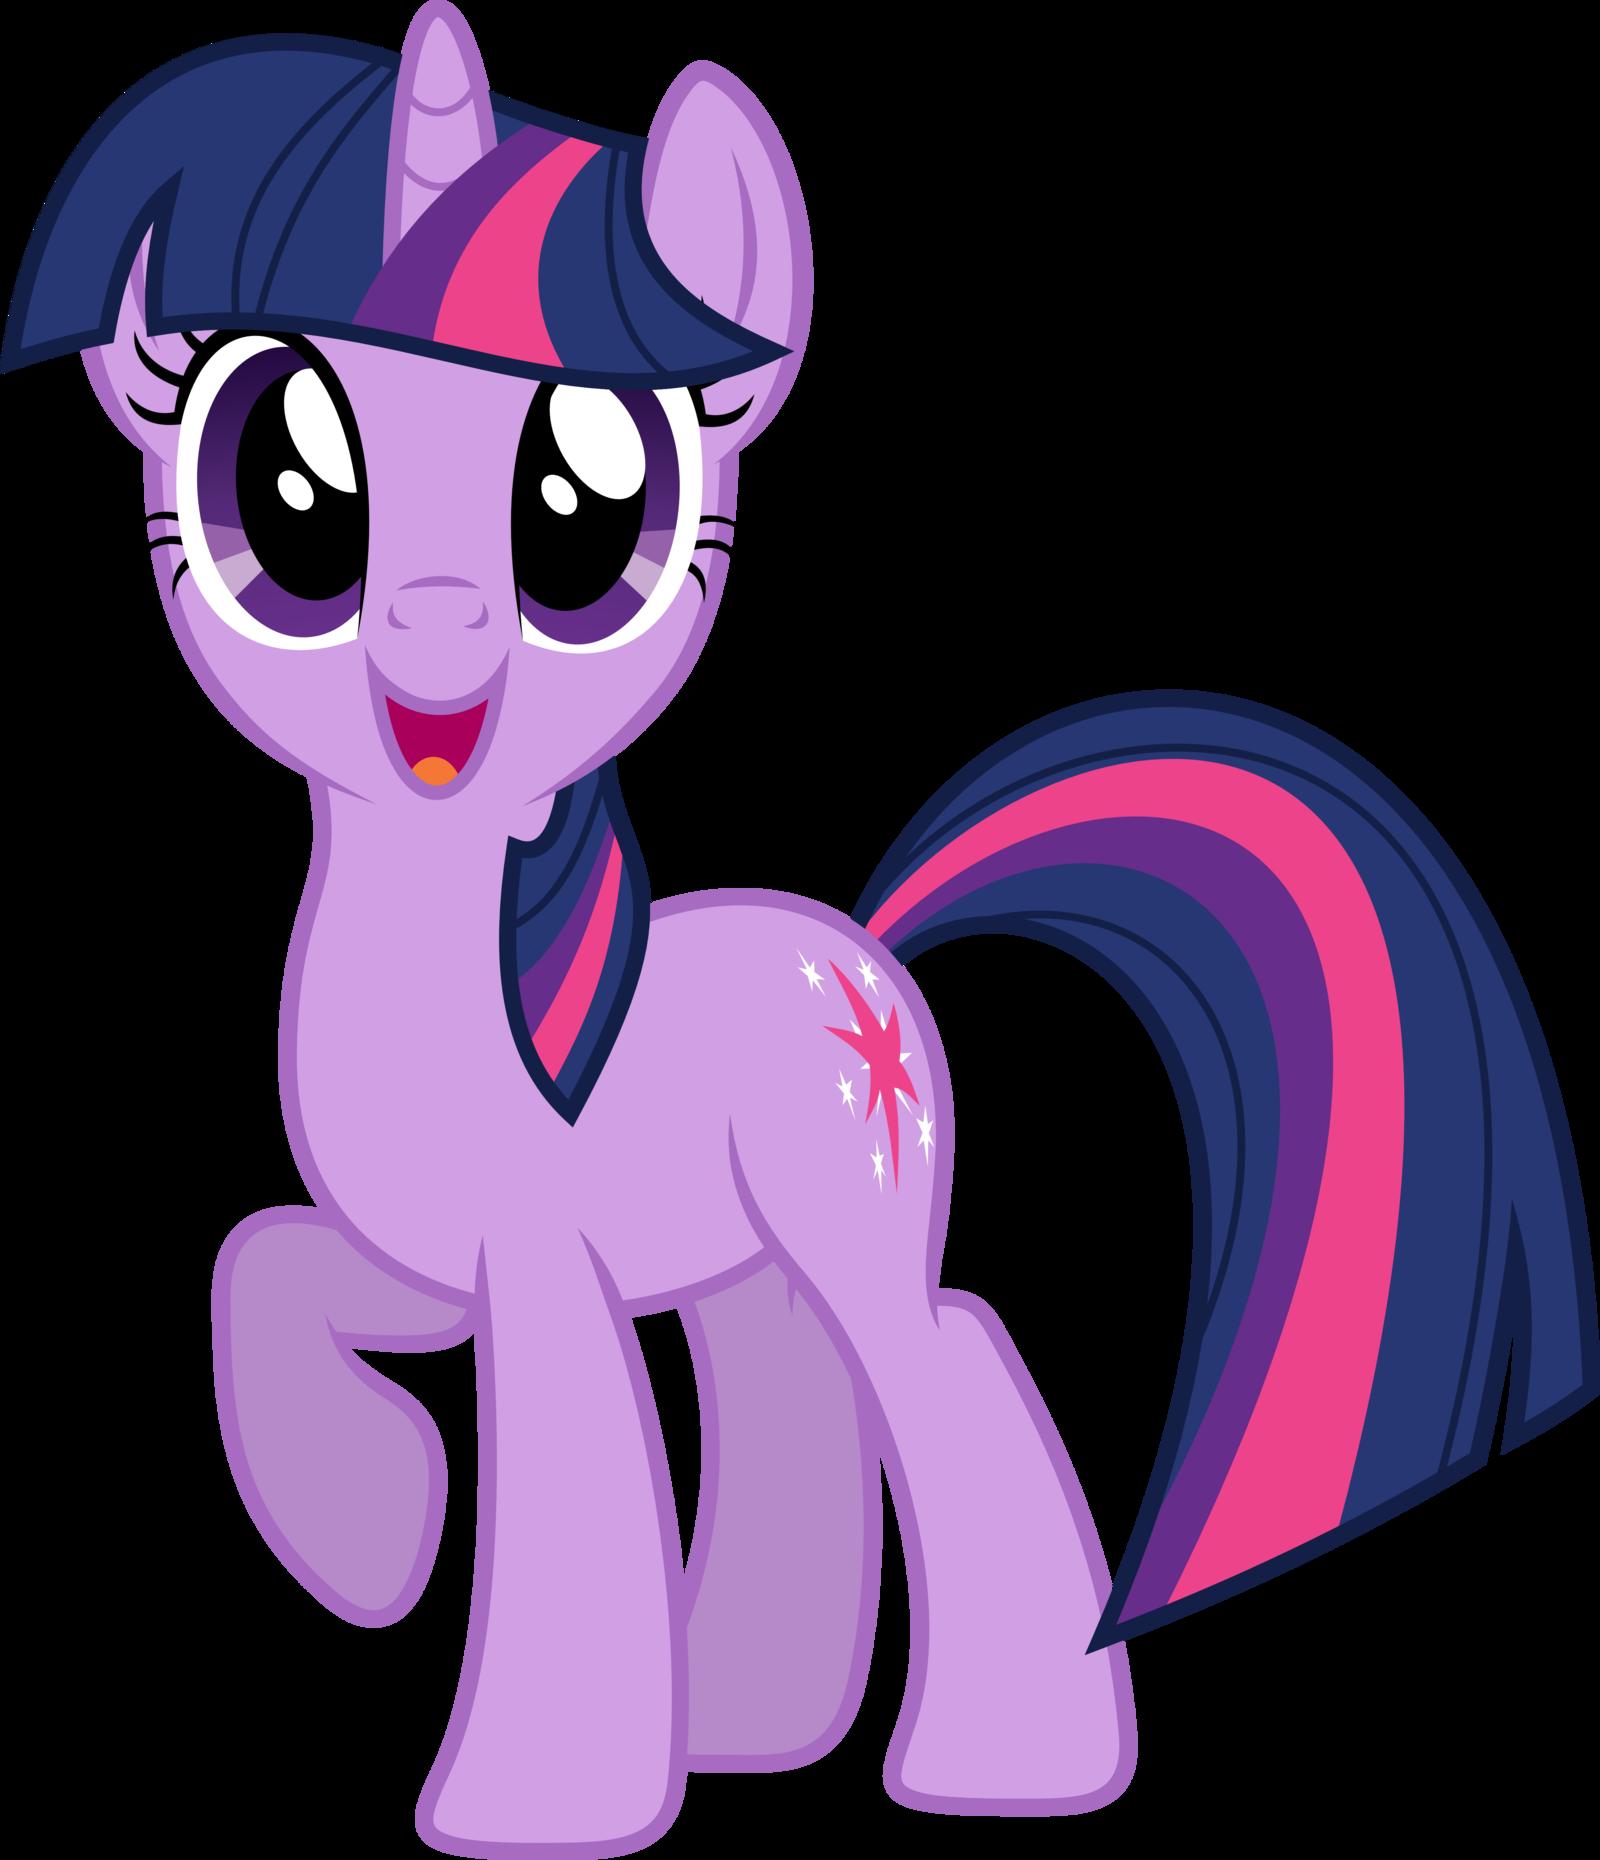 Resultado de imagem para my little pony png | materiais | Pinterest ...